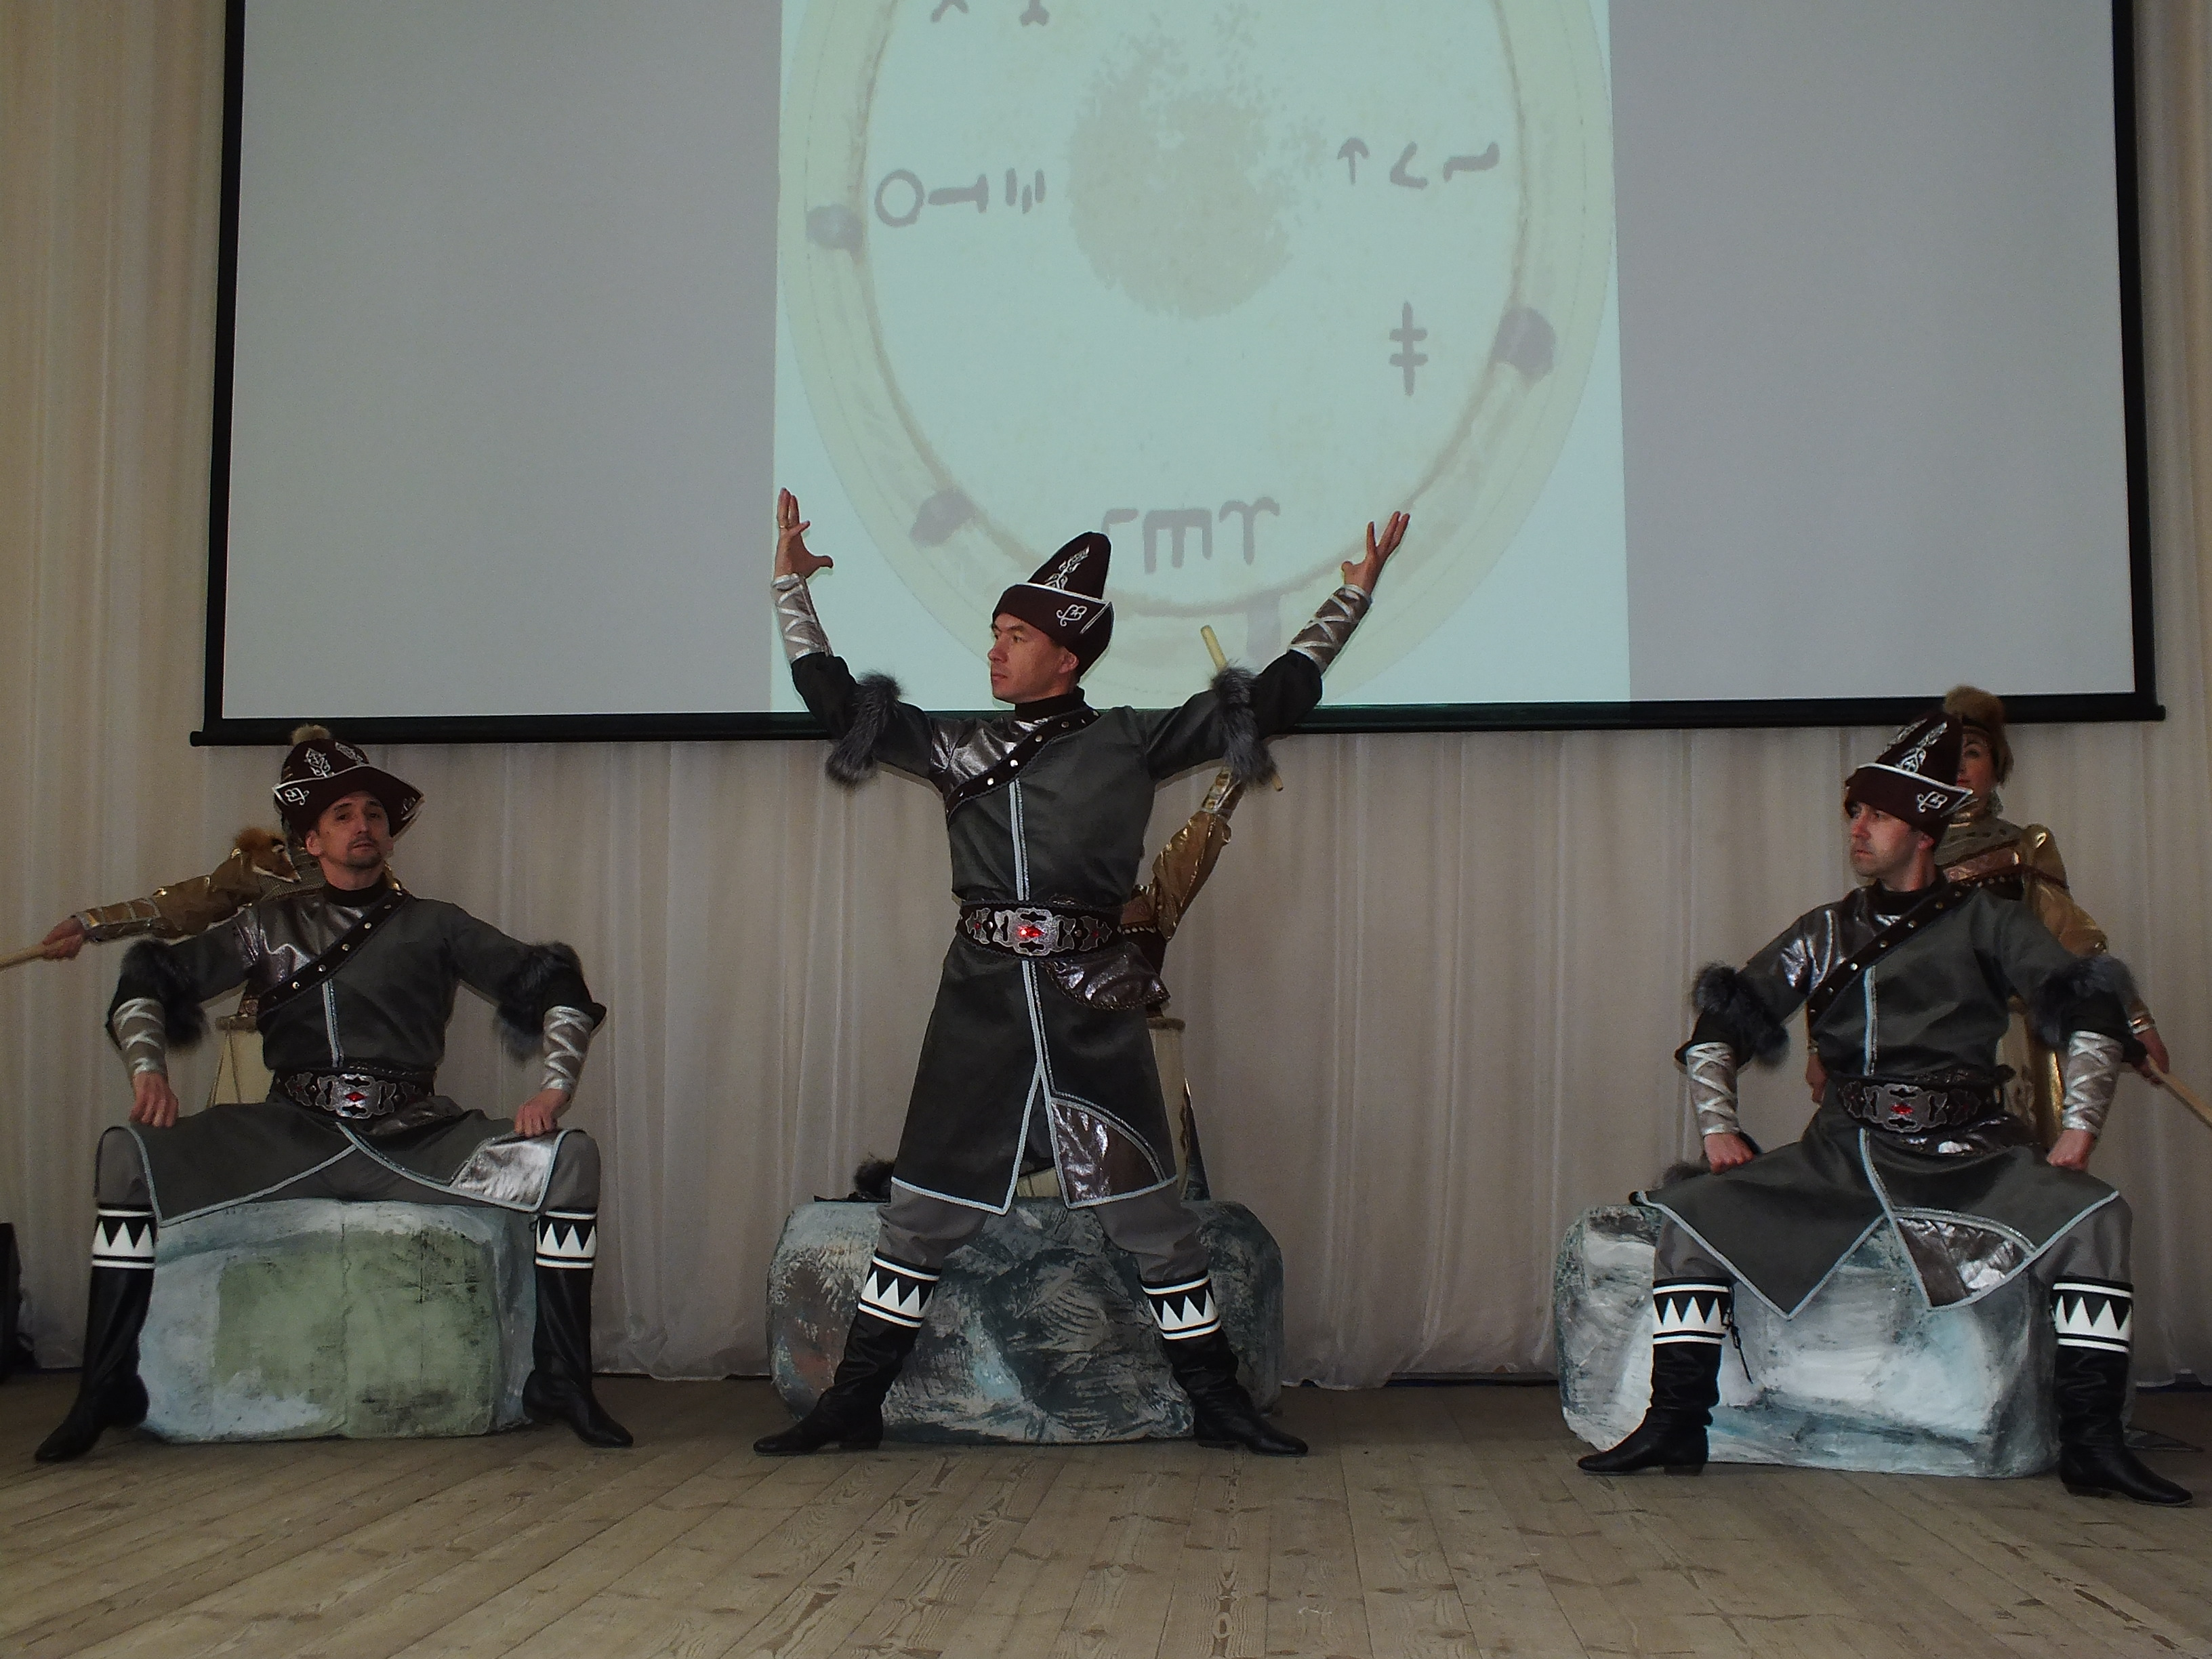 16 марта состоялся показ театрально-хореографической постановки «Цветы на камнях» в образовательных учреждениях города Уфы.